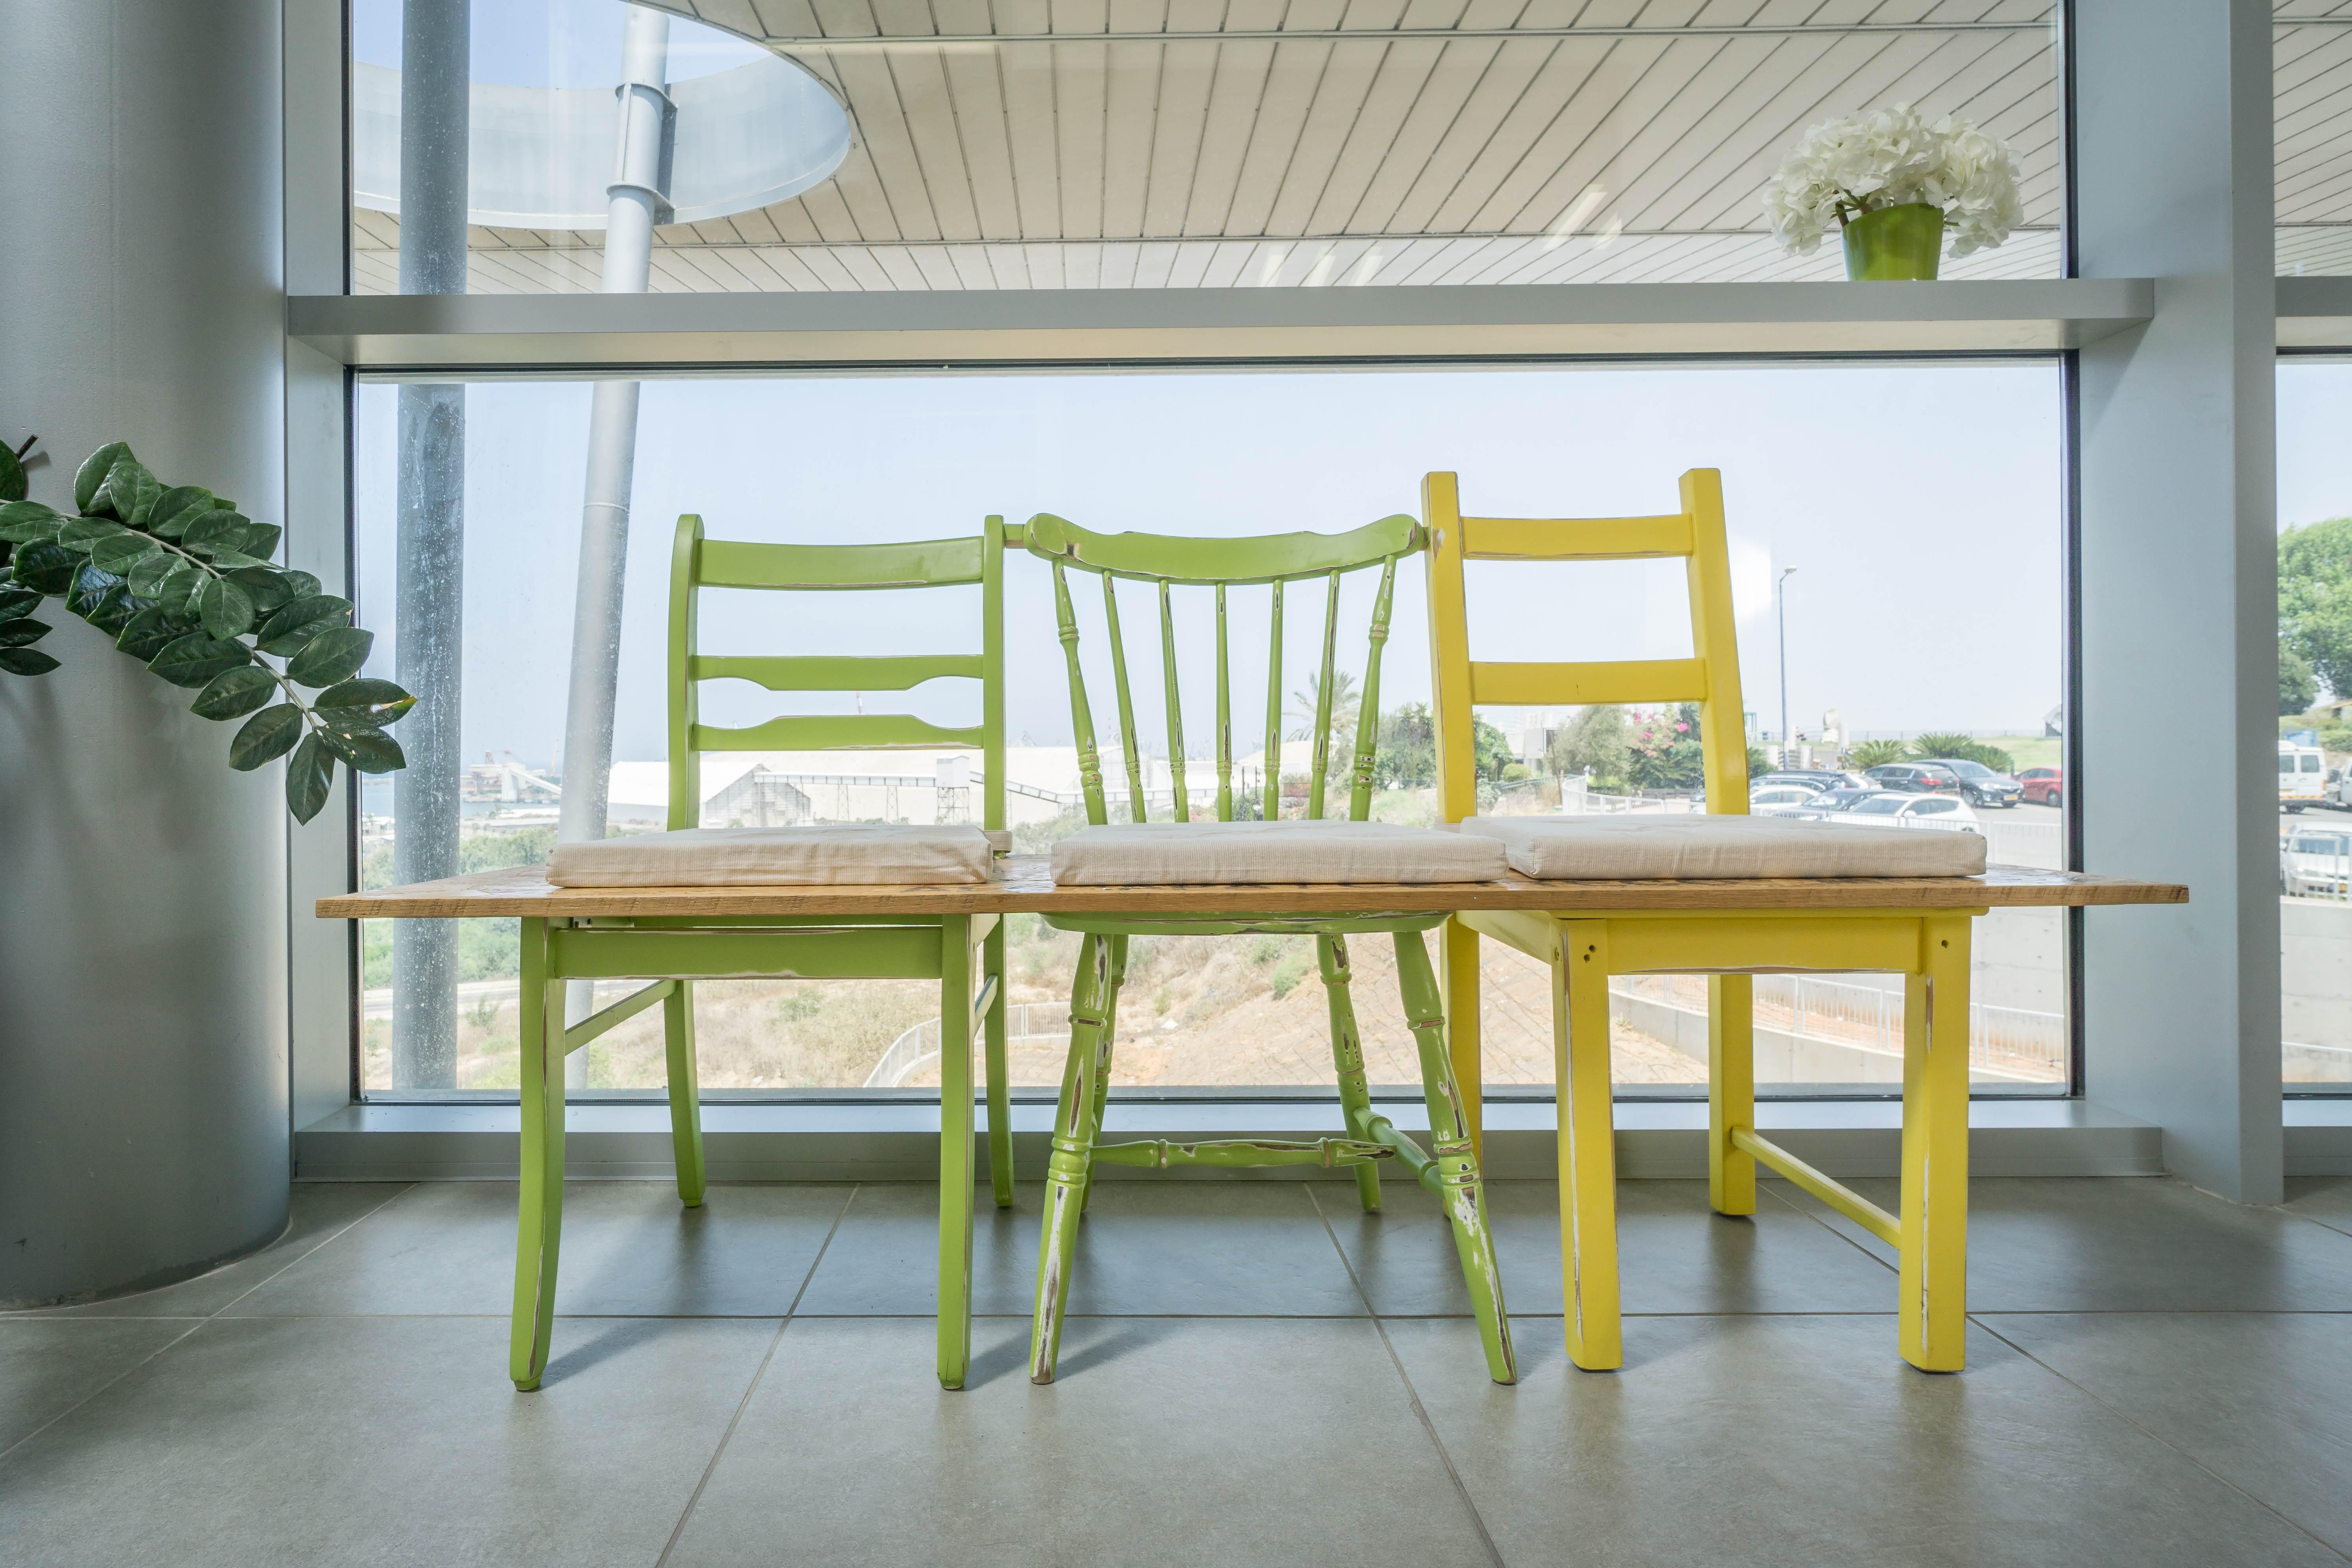 עיצוב פינת ישיבה בכניסה למשרד